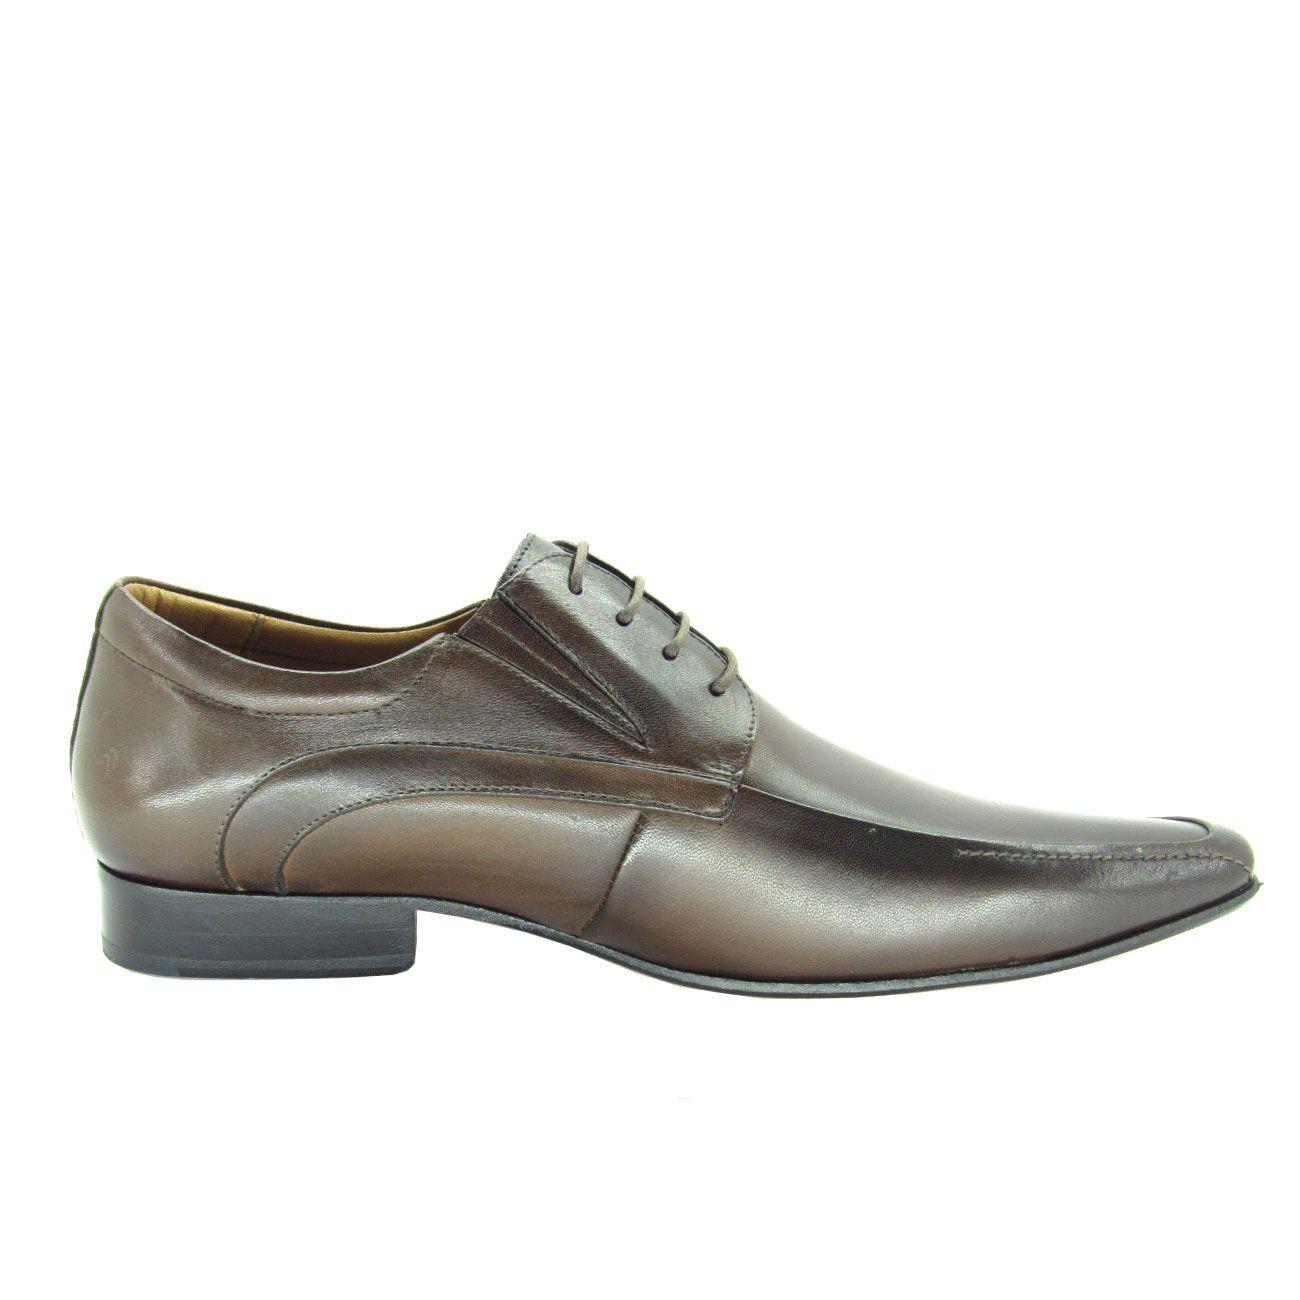 Sapato Social Masculino Sola de Couro Berlin Jota Pe 72816